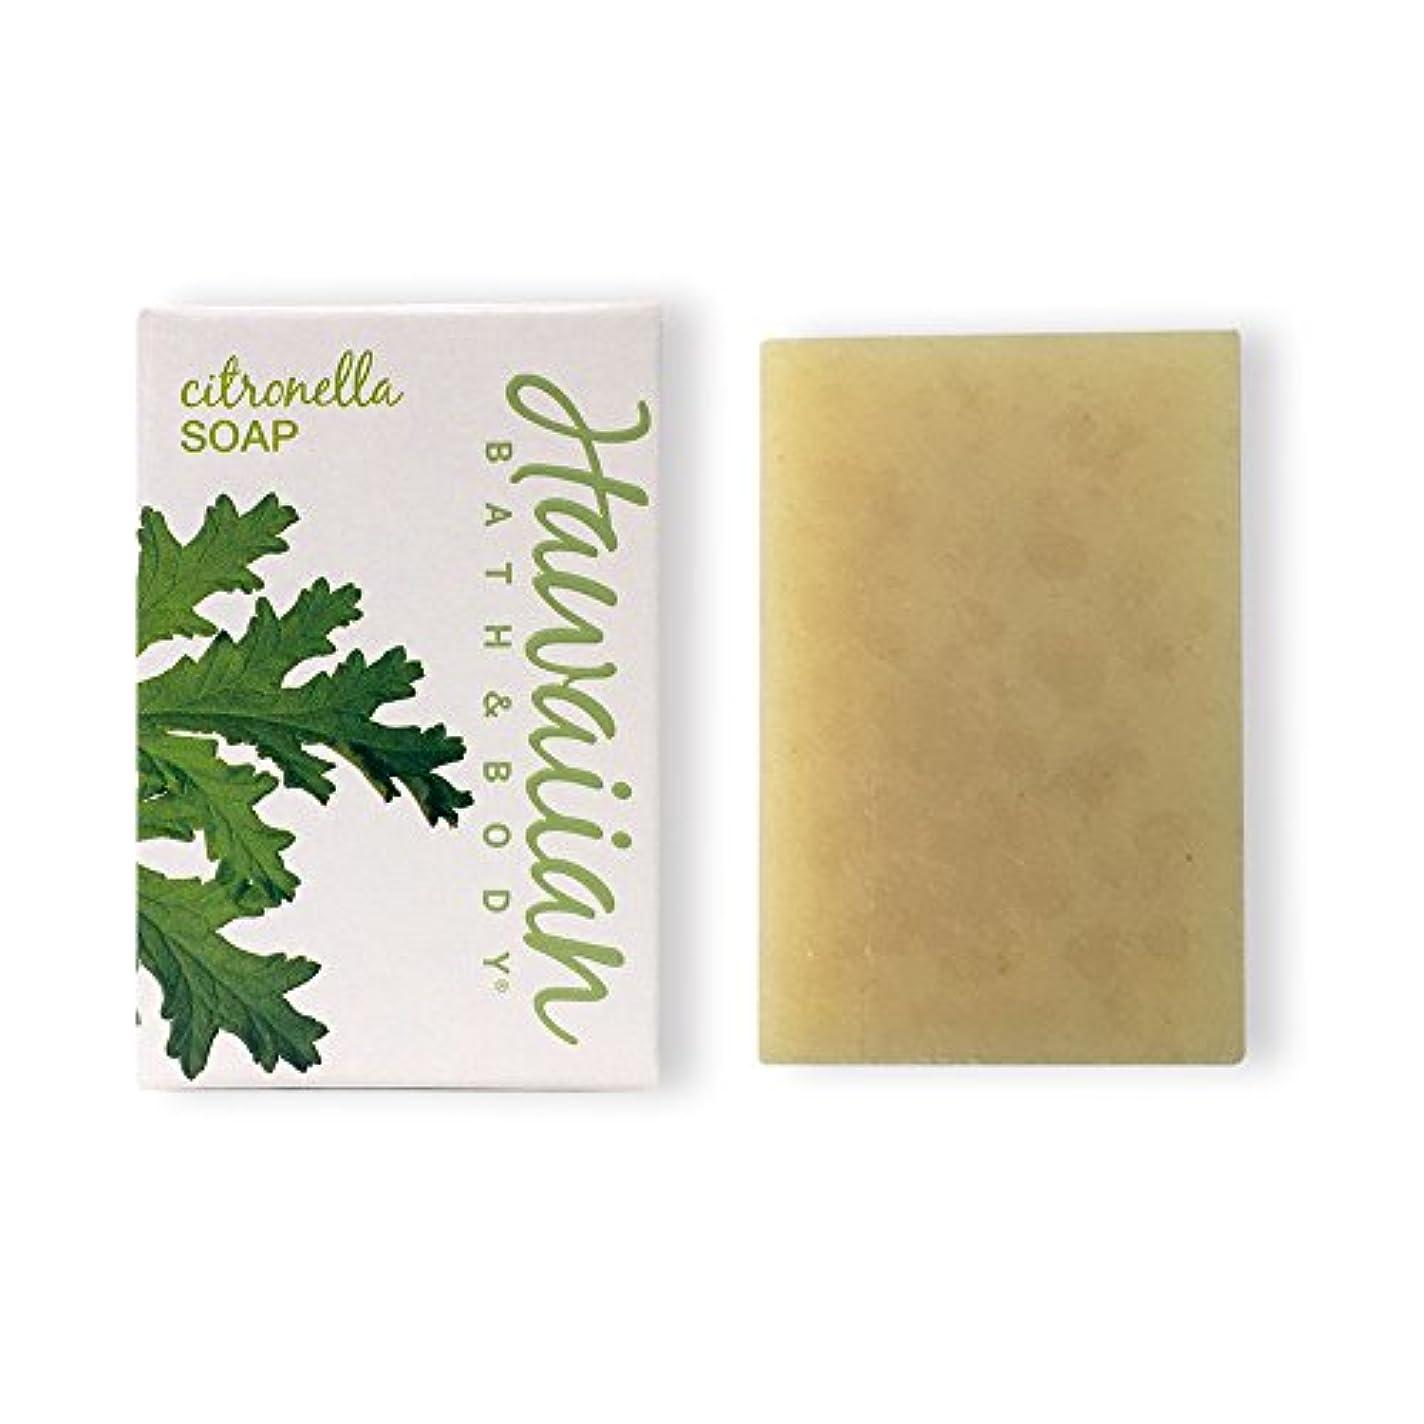 答えクラフトあさりハワイアンバス&ボディ シトロネラソープ(ビーチバー)( Citronella Soap )